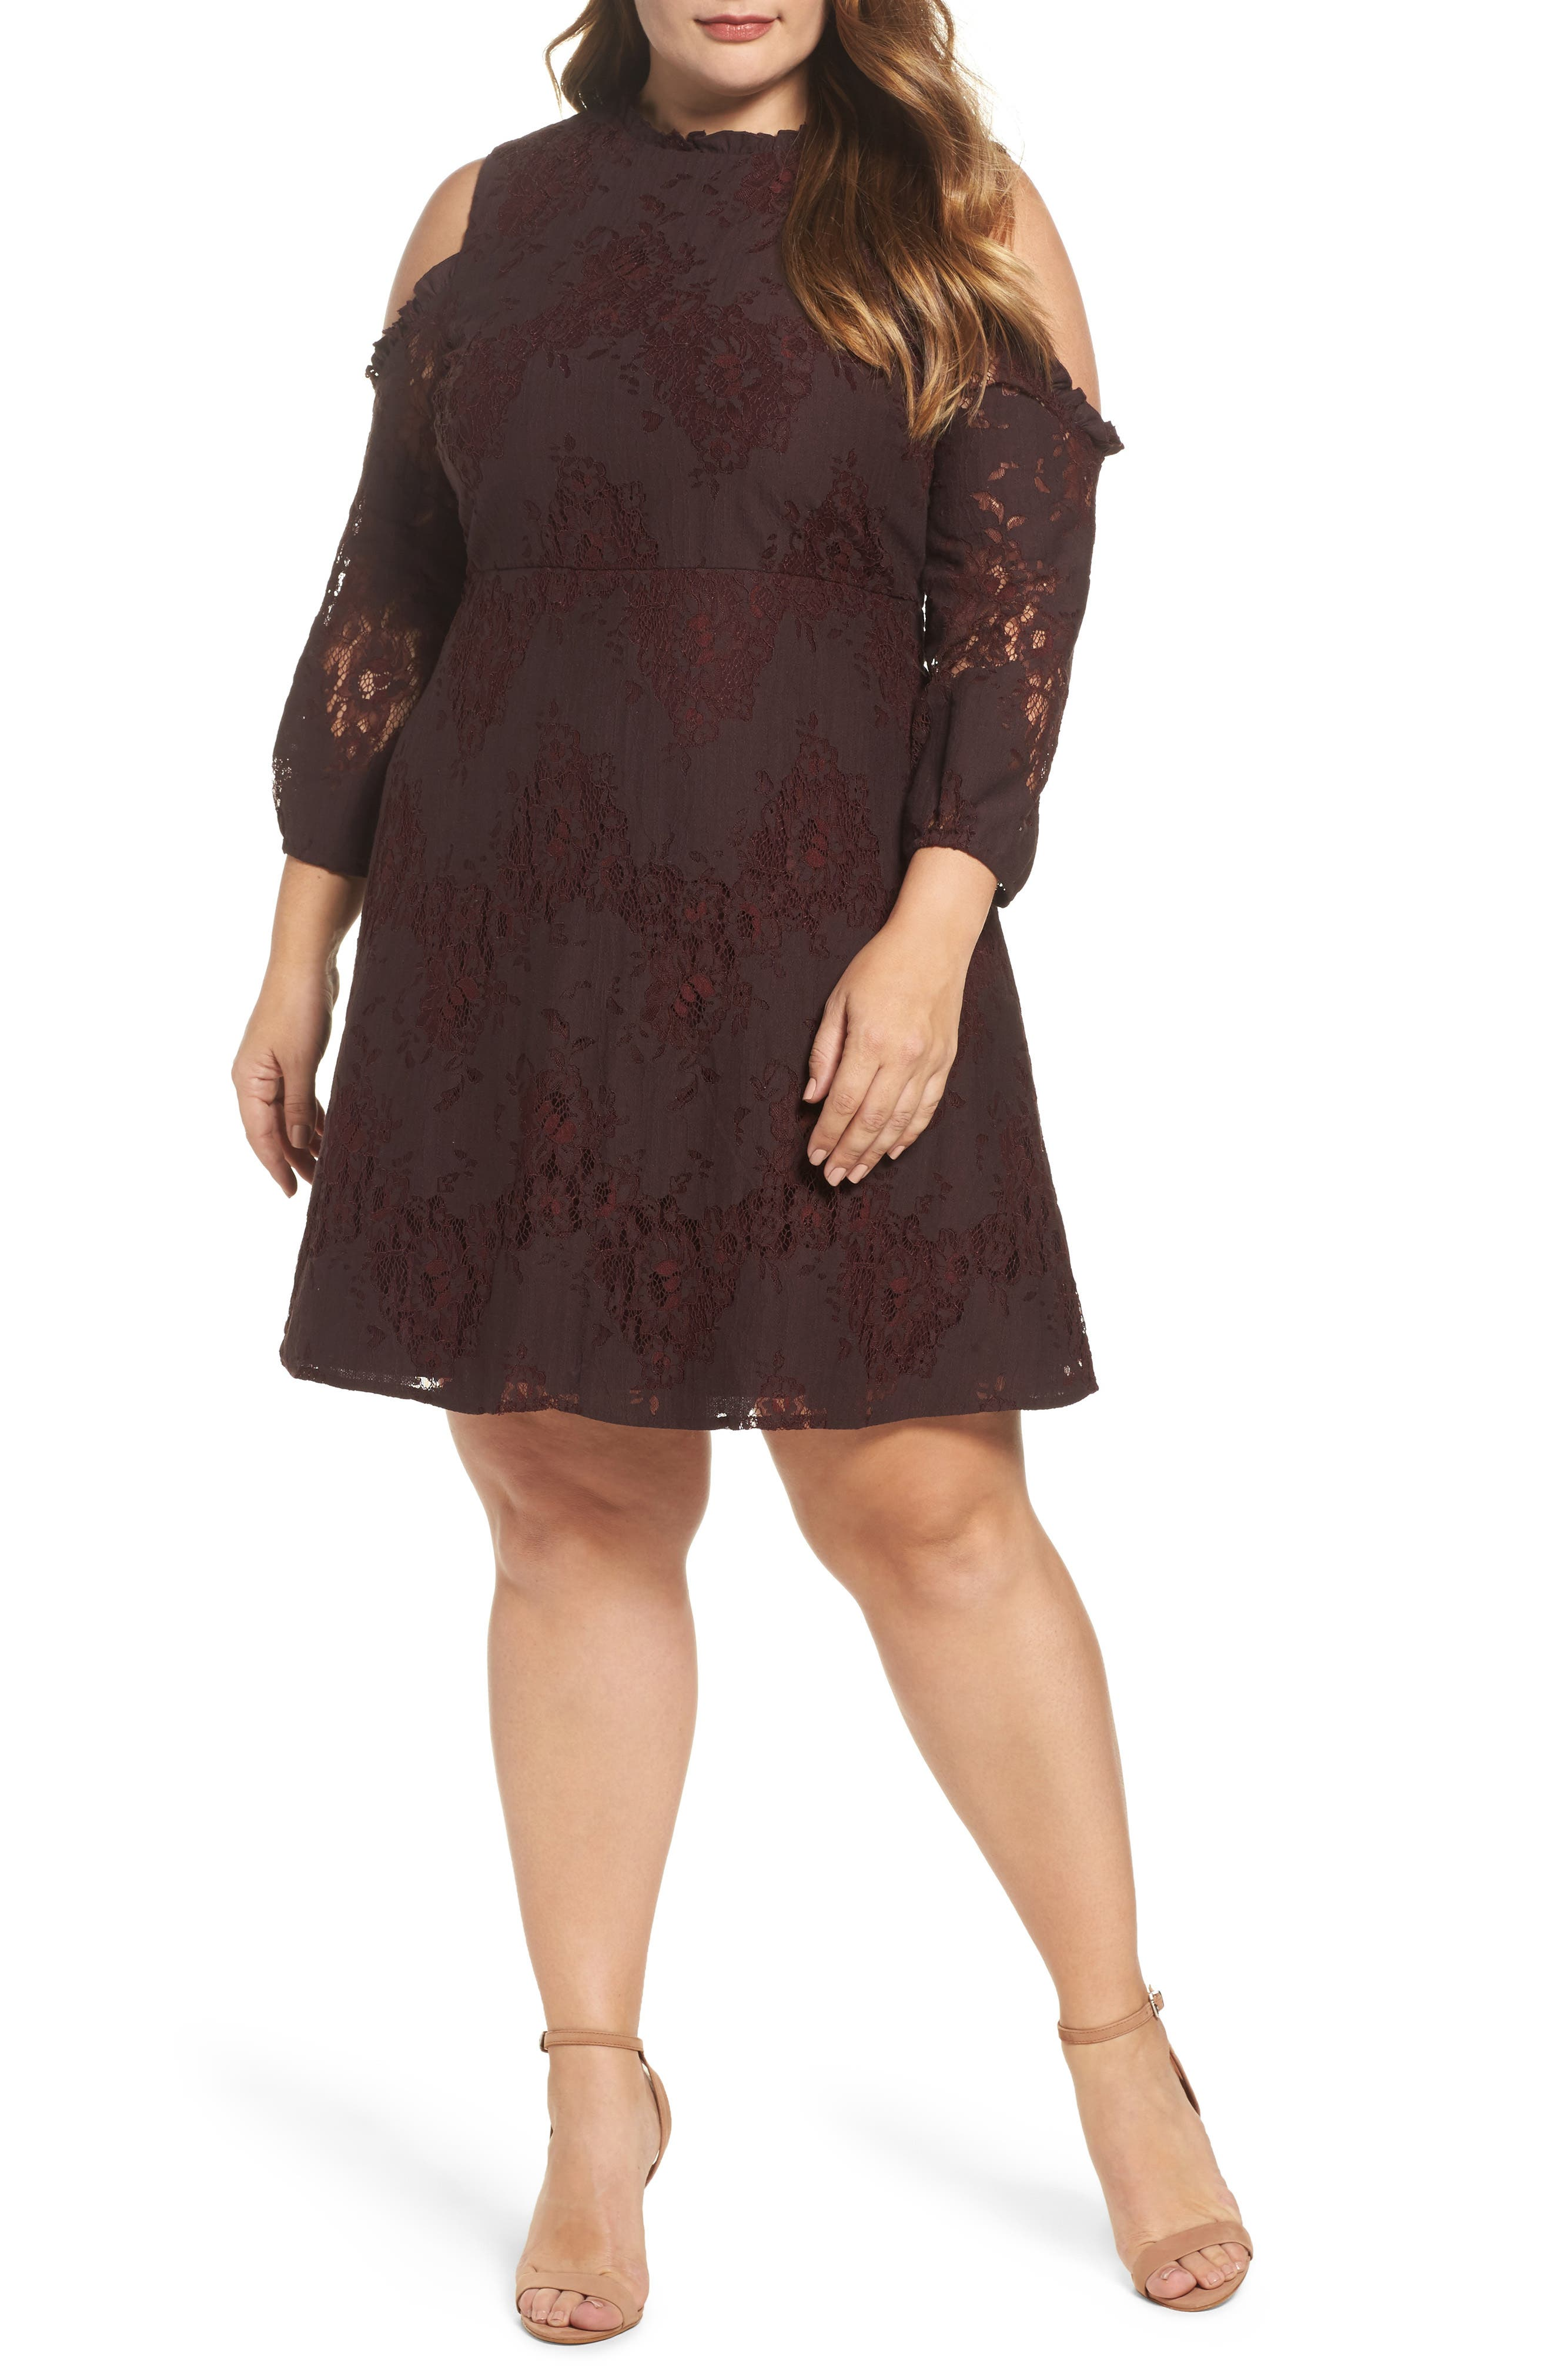 Main Image - ELVI Cold Shoulder Lace A-Line Dress (Plus Size)